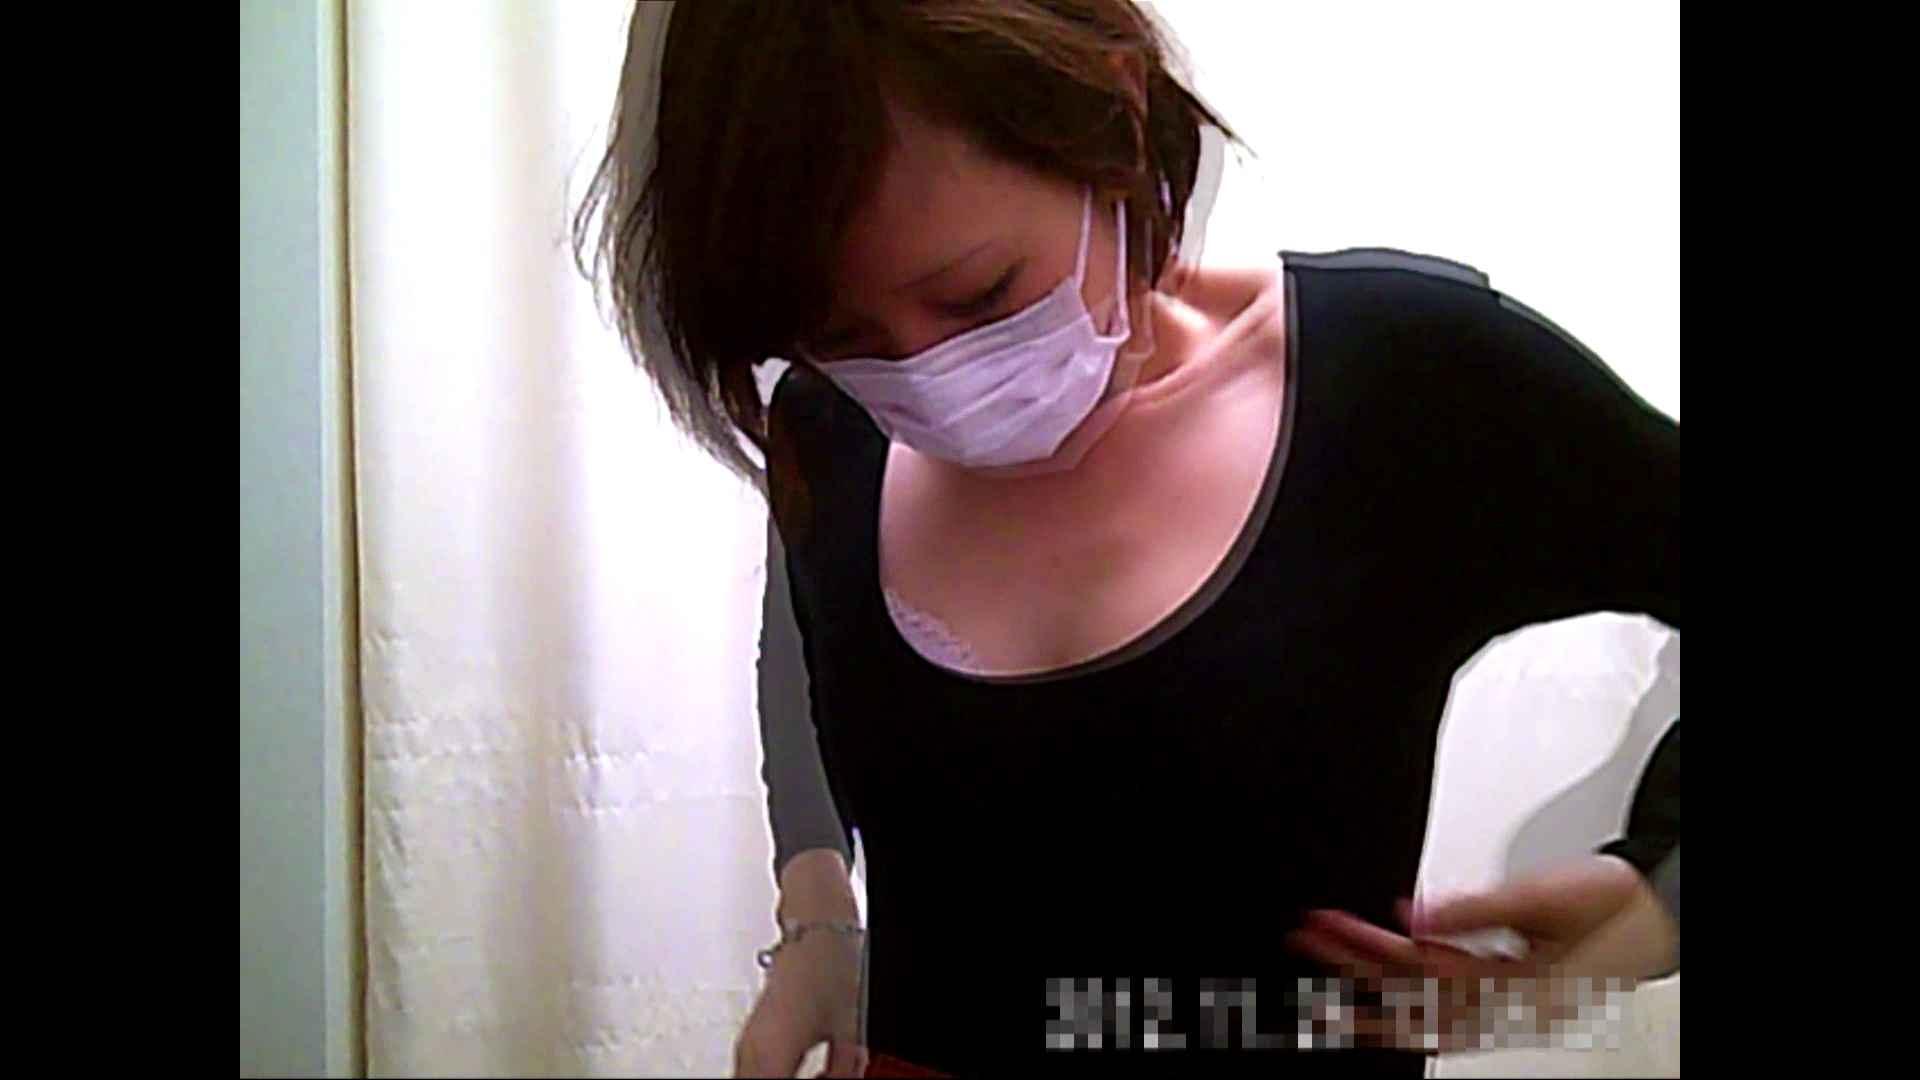 元医者による反抗 更衣室地獄絵巻 vol.137 OL女体  66連発 44